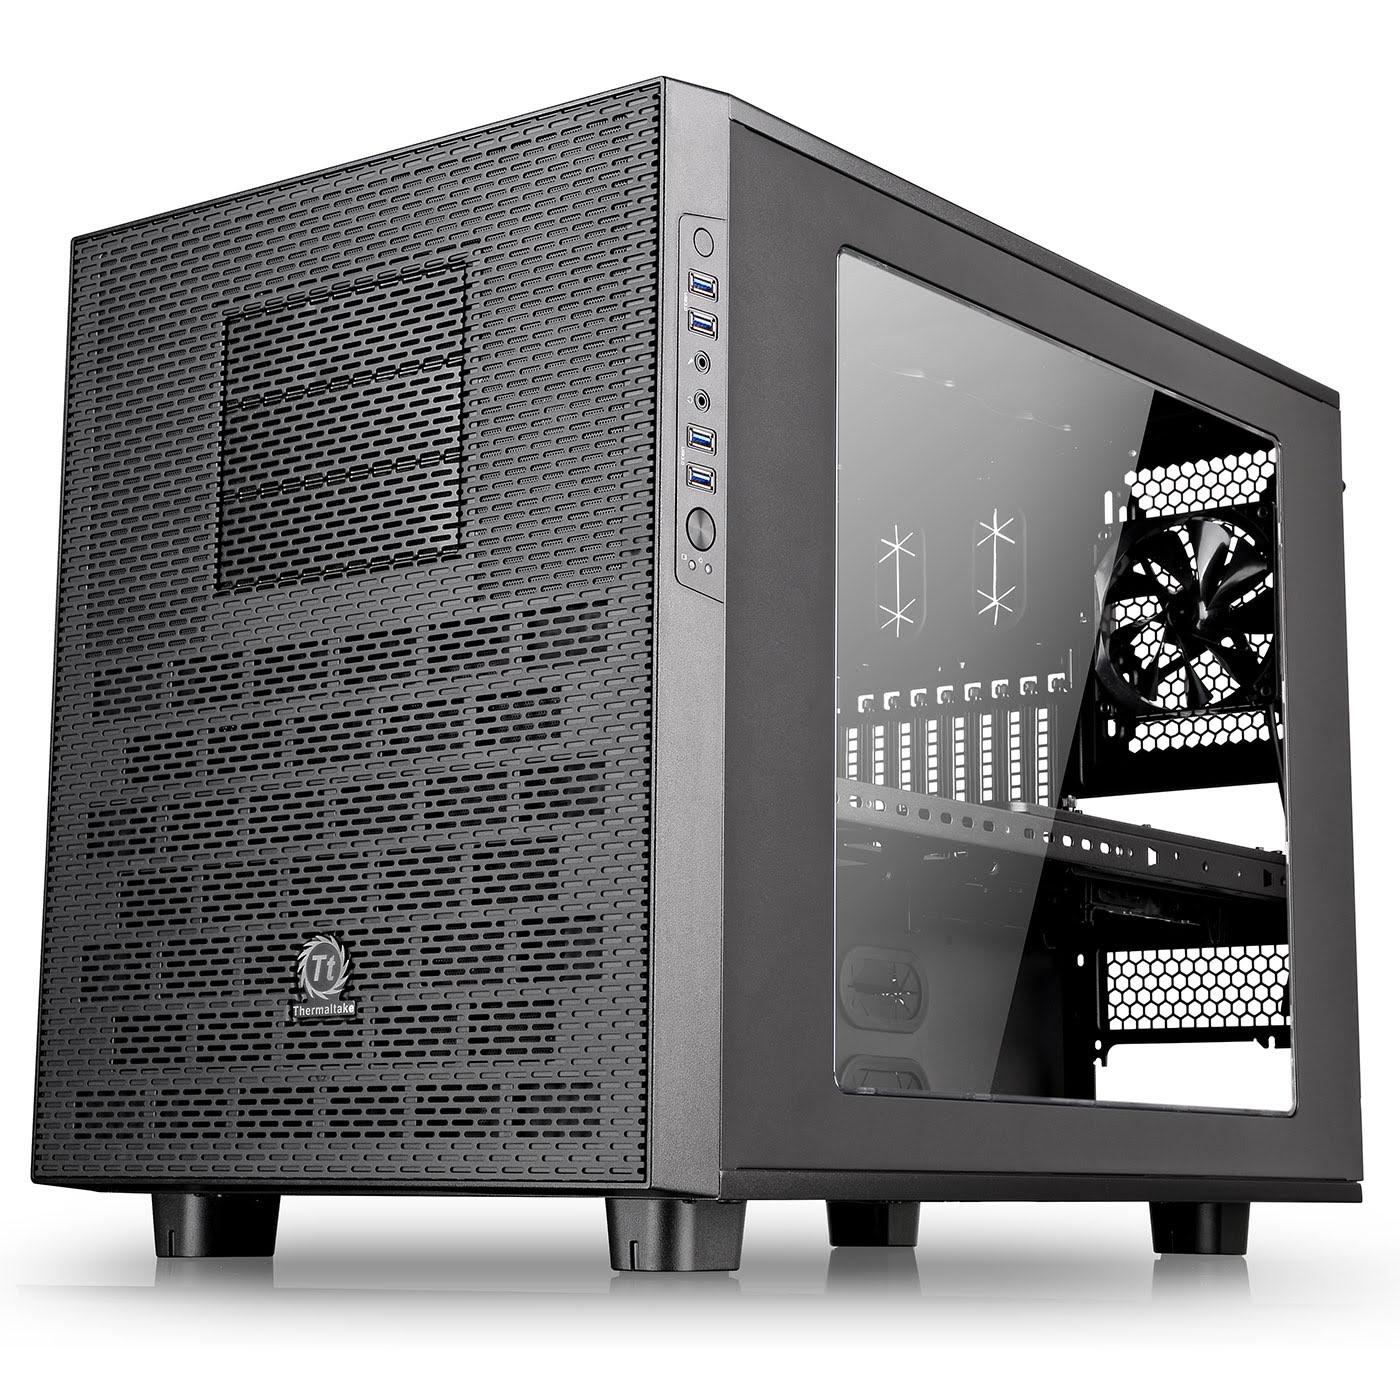 Thermaltake Cube/ss alim/E-ATX Noir - Boîtier PC Thermaltake - 4